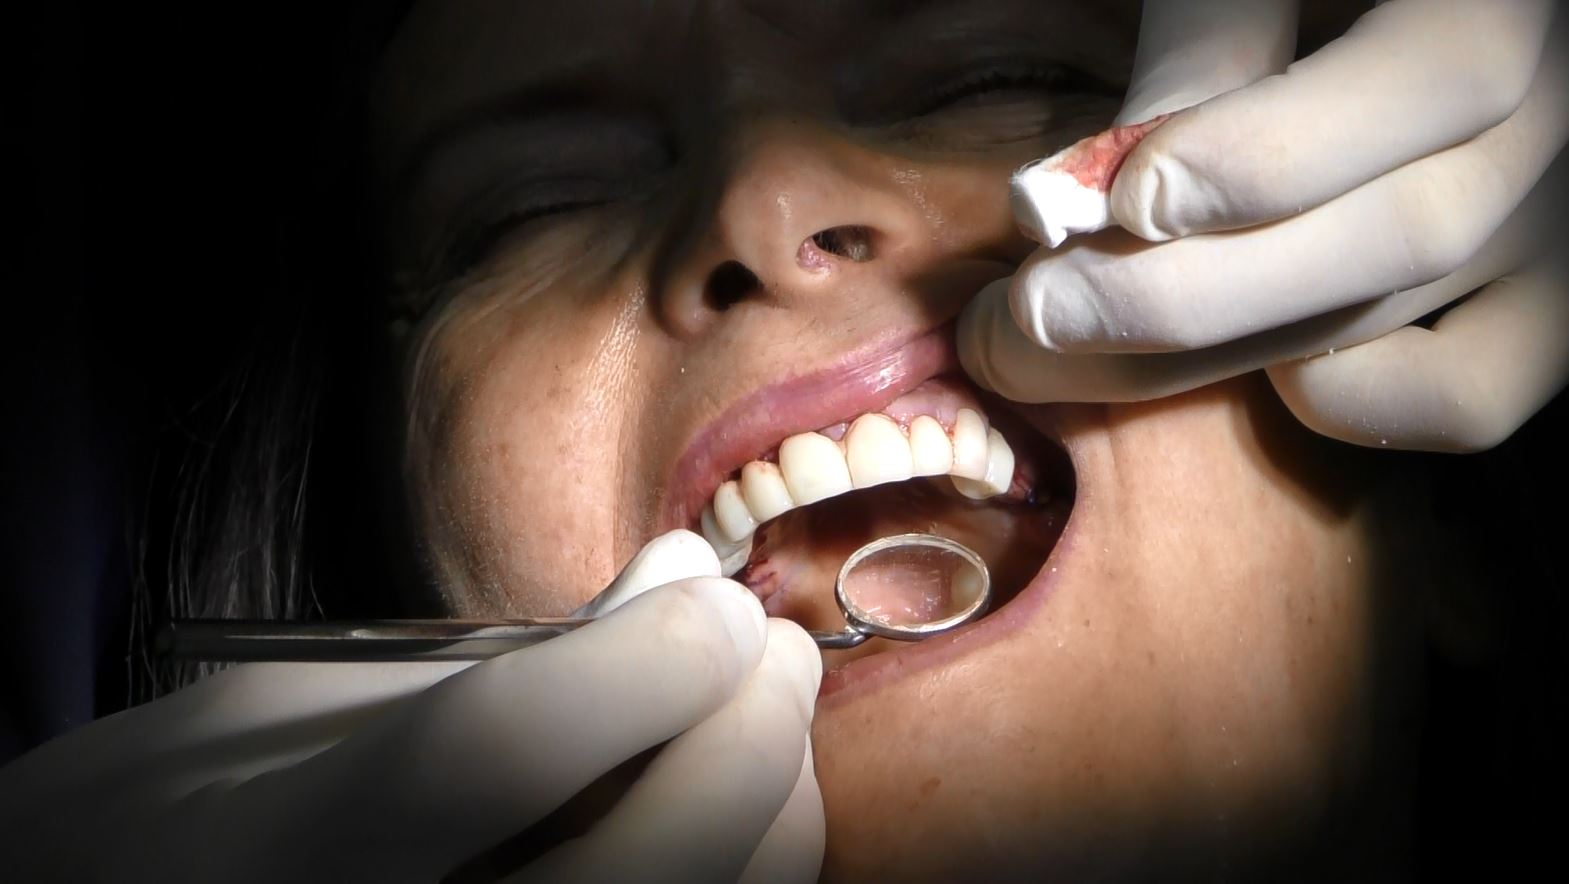 Implantologia a carico immediato senza osso (Ultimi pazienti operati casi clinici)